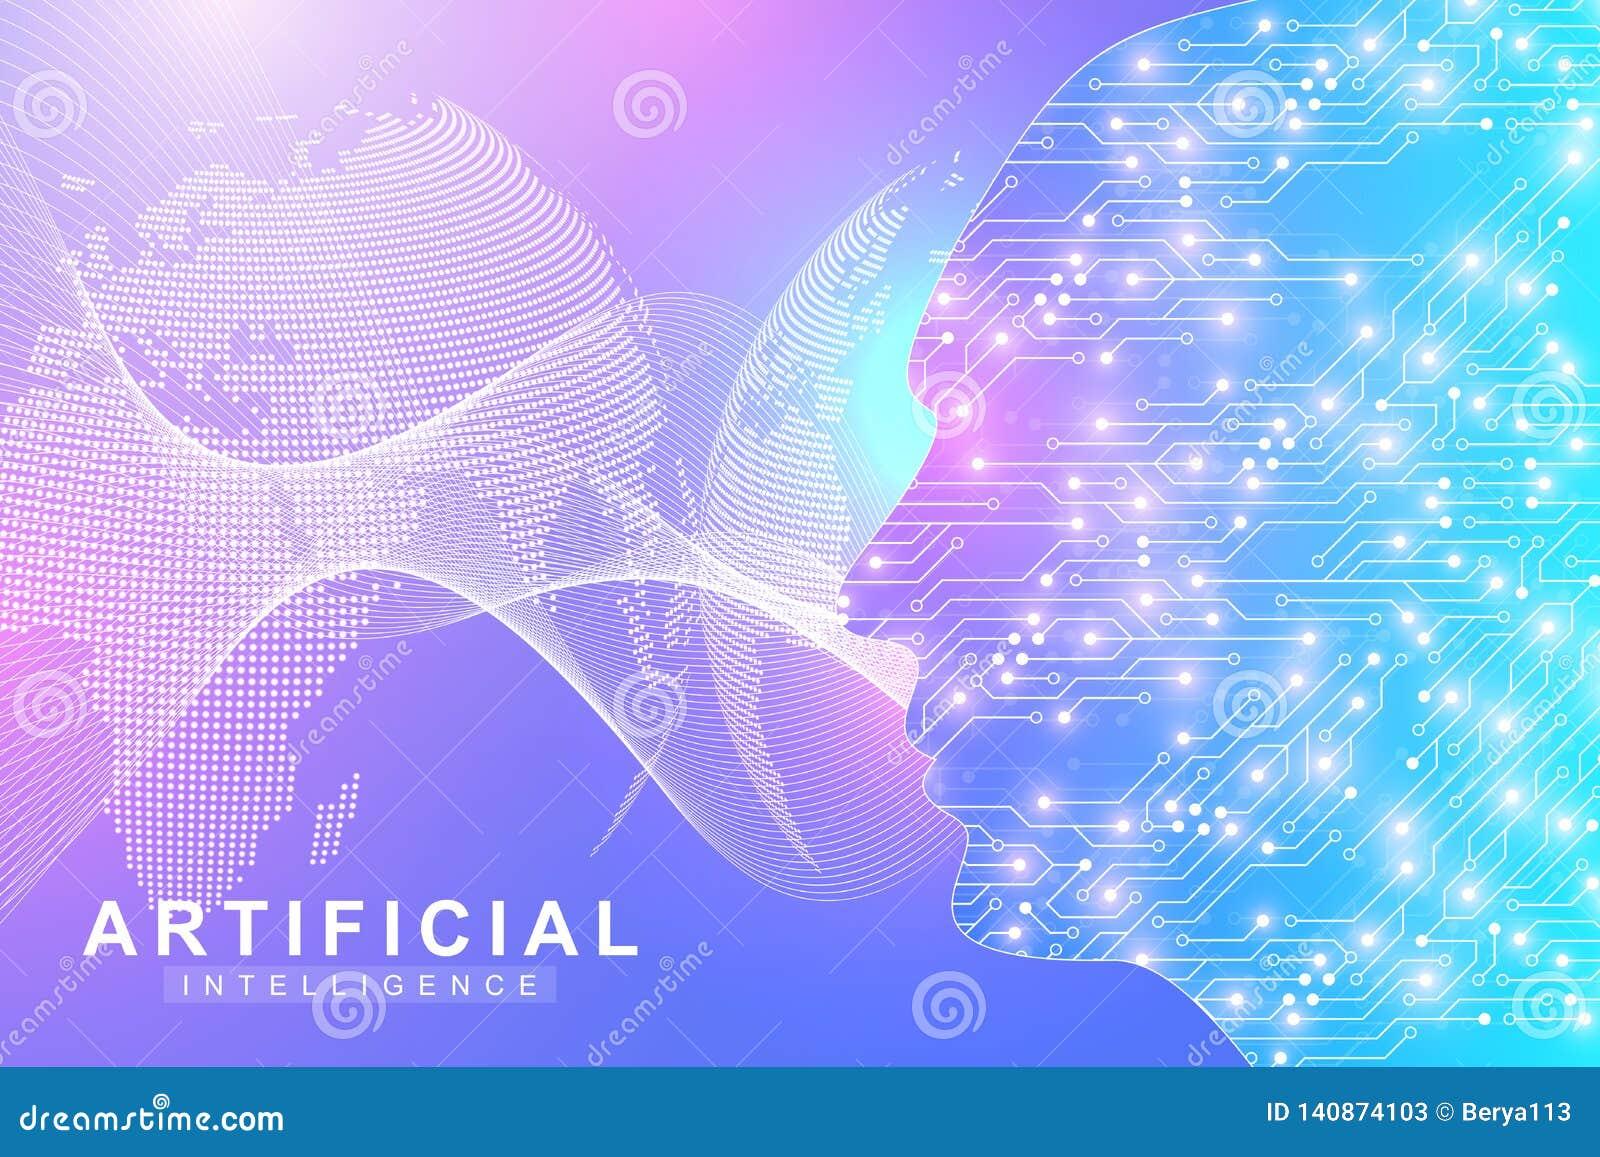 Logotipo de la inteligencia artificial Concepto de la inteligencia artificial y del aprendizaje de máquina Símbolo AI del vector